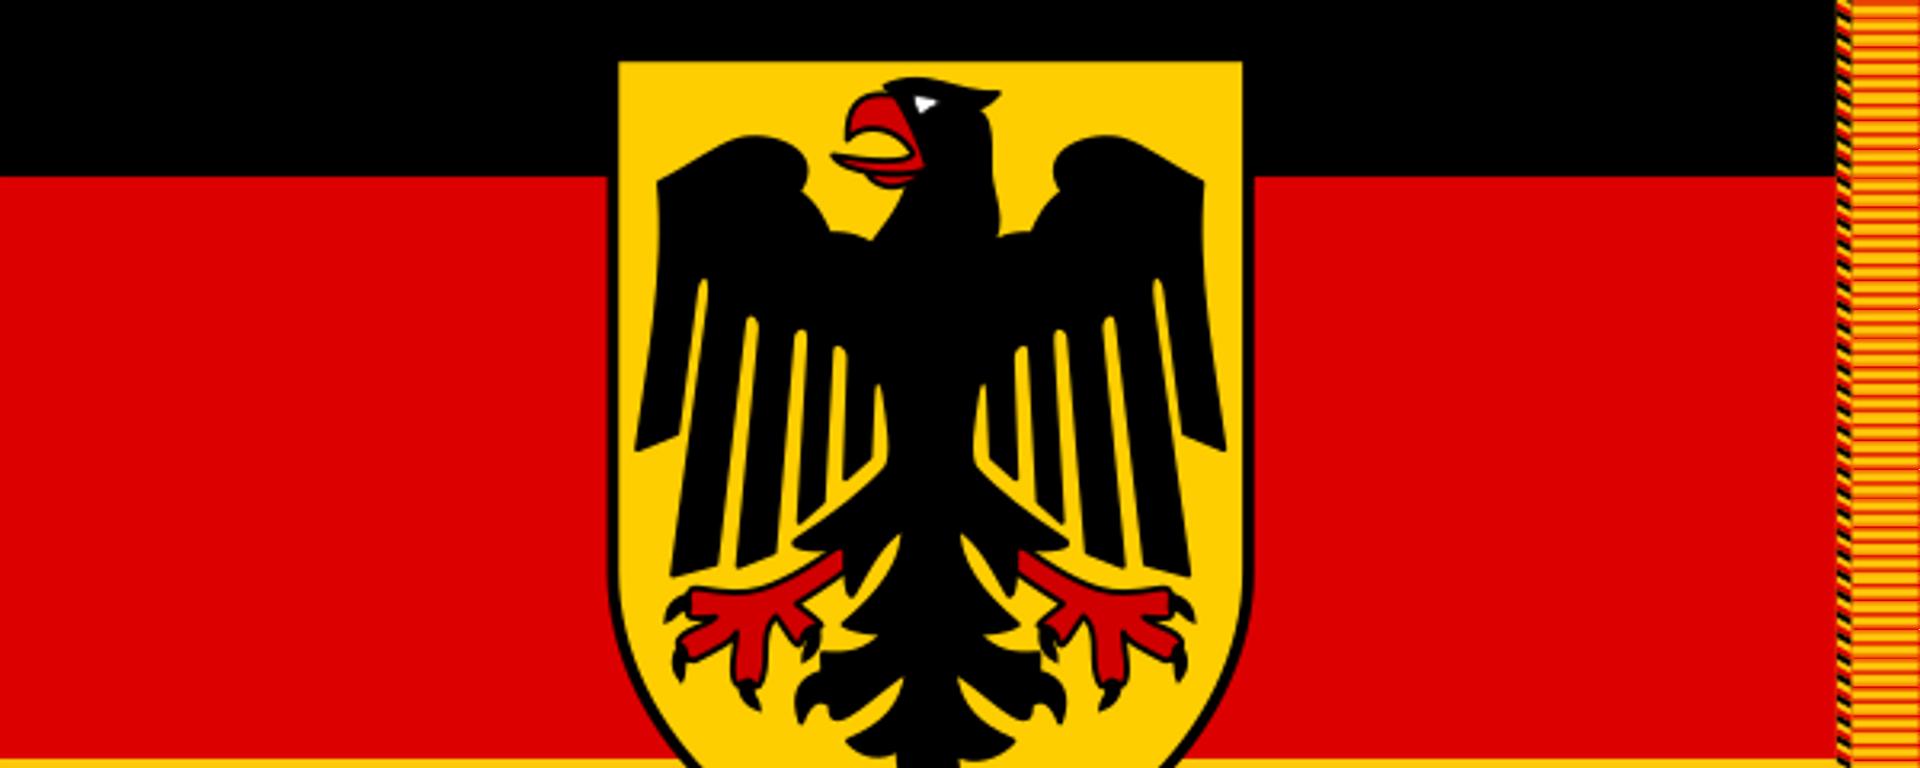 Truppenfahne der Bundeswehr (Symbolbild) - SNA, 1920, 14.06.2021